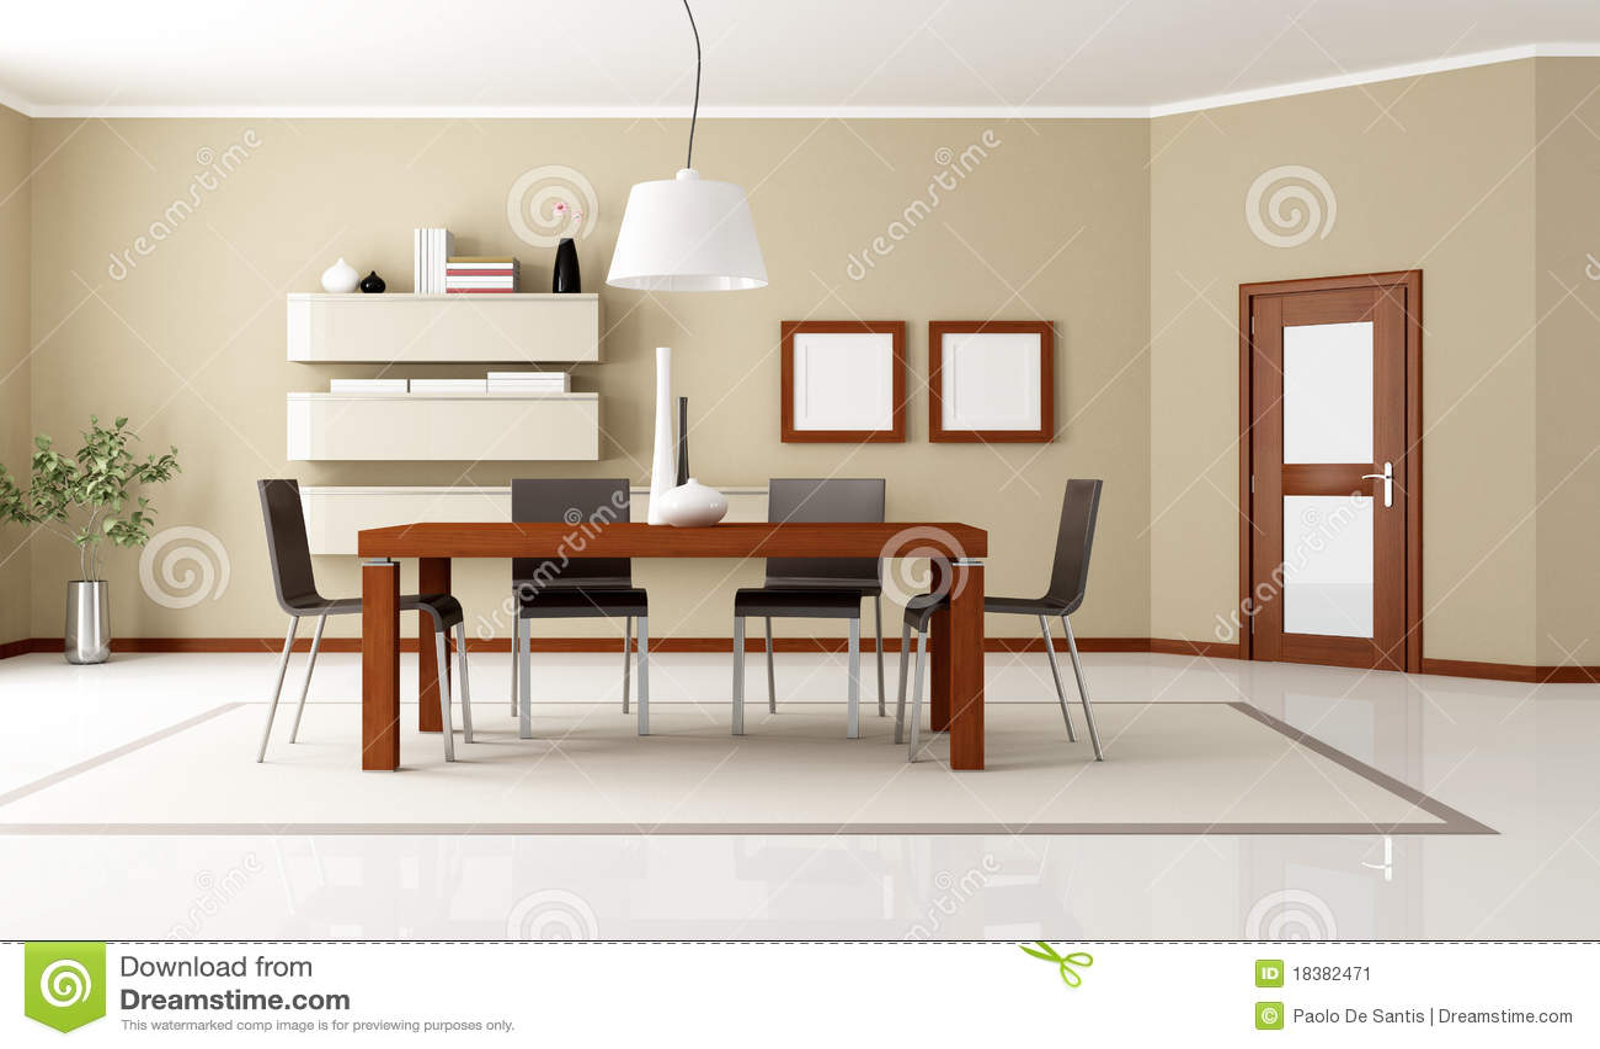 Sala Da Pranzo Moderna Elegante Immagine Stock Immagine: 18382471 #85A724 1300 869 La Classifica Delle Migliori Cucine